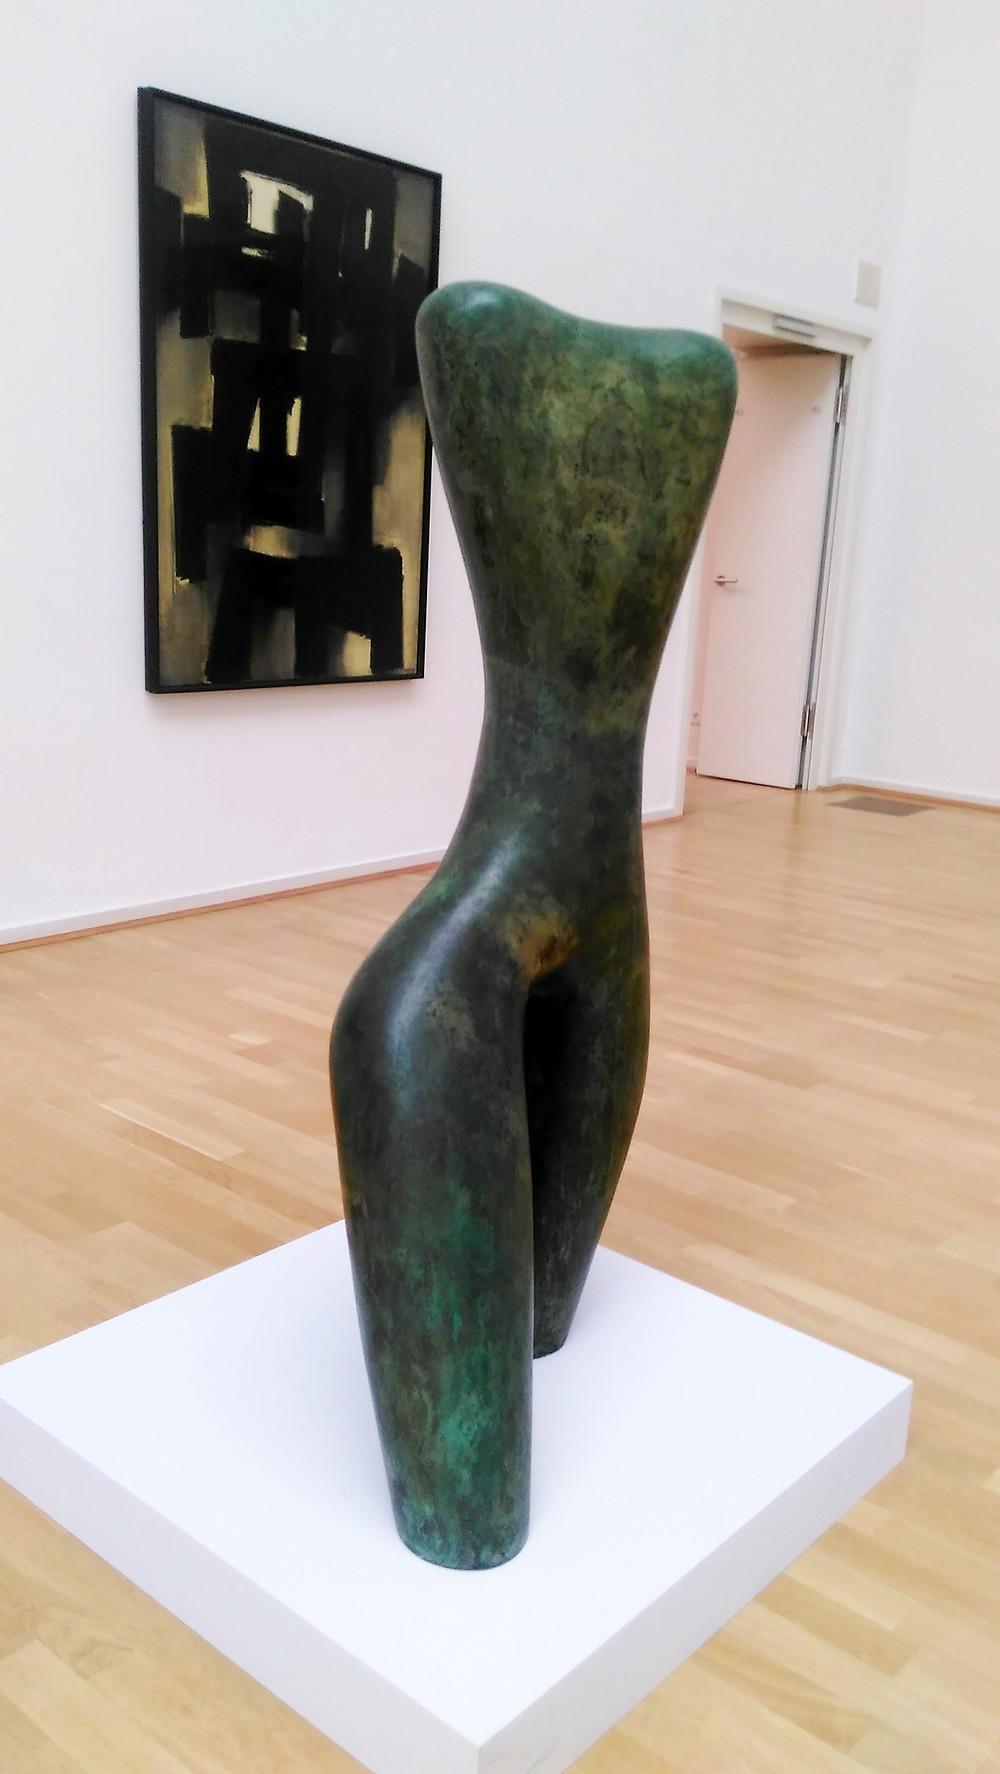 Torso, 1950 by Karl Hartung